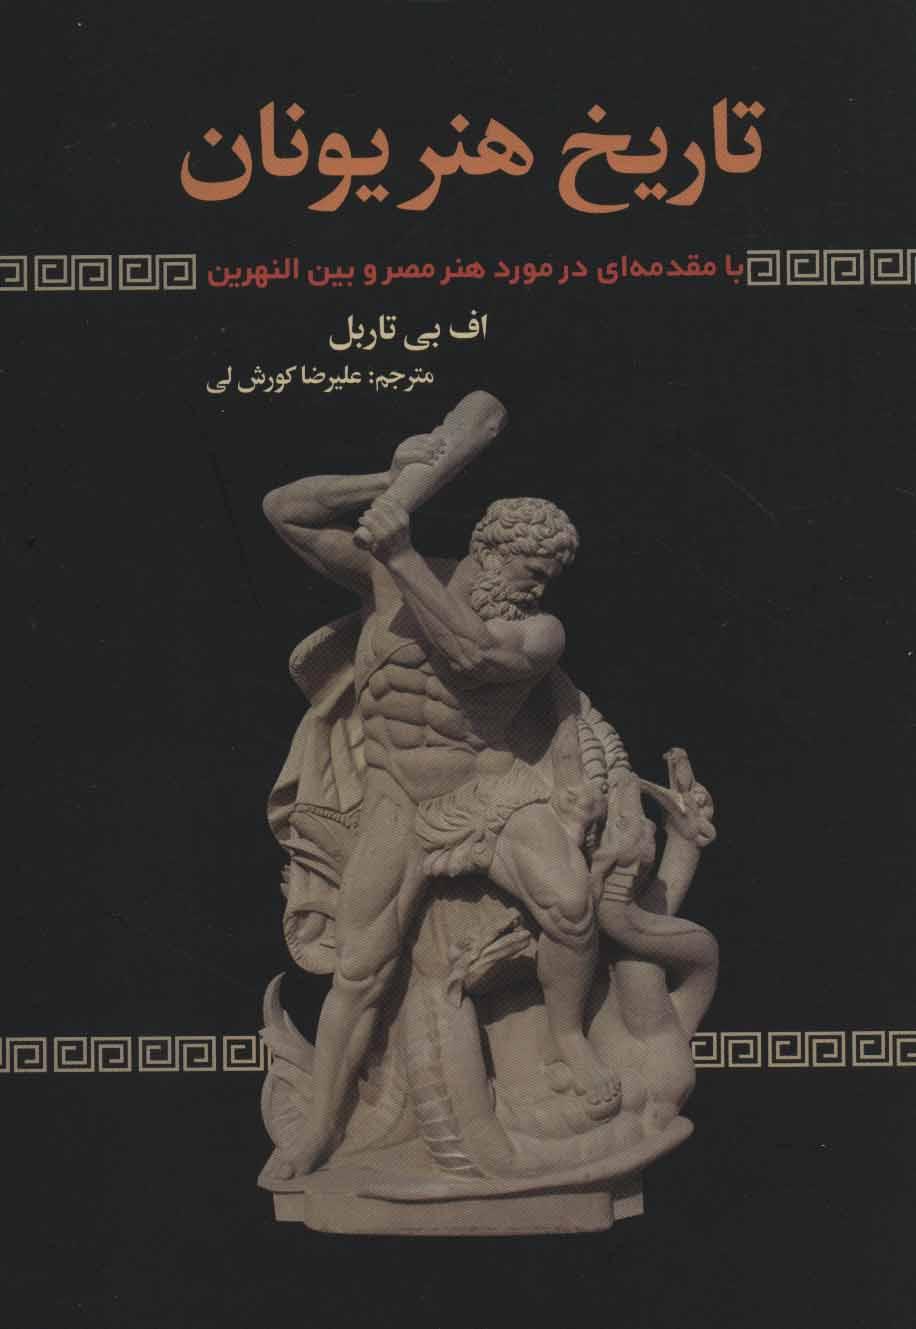 کتاب تاریخ هنر یونان با مقدمهای در مورد هنر مصر و بینالنهرین